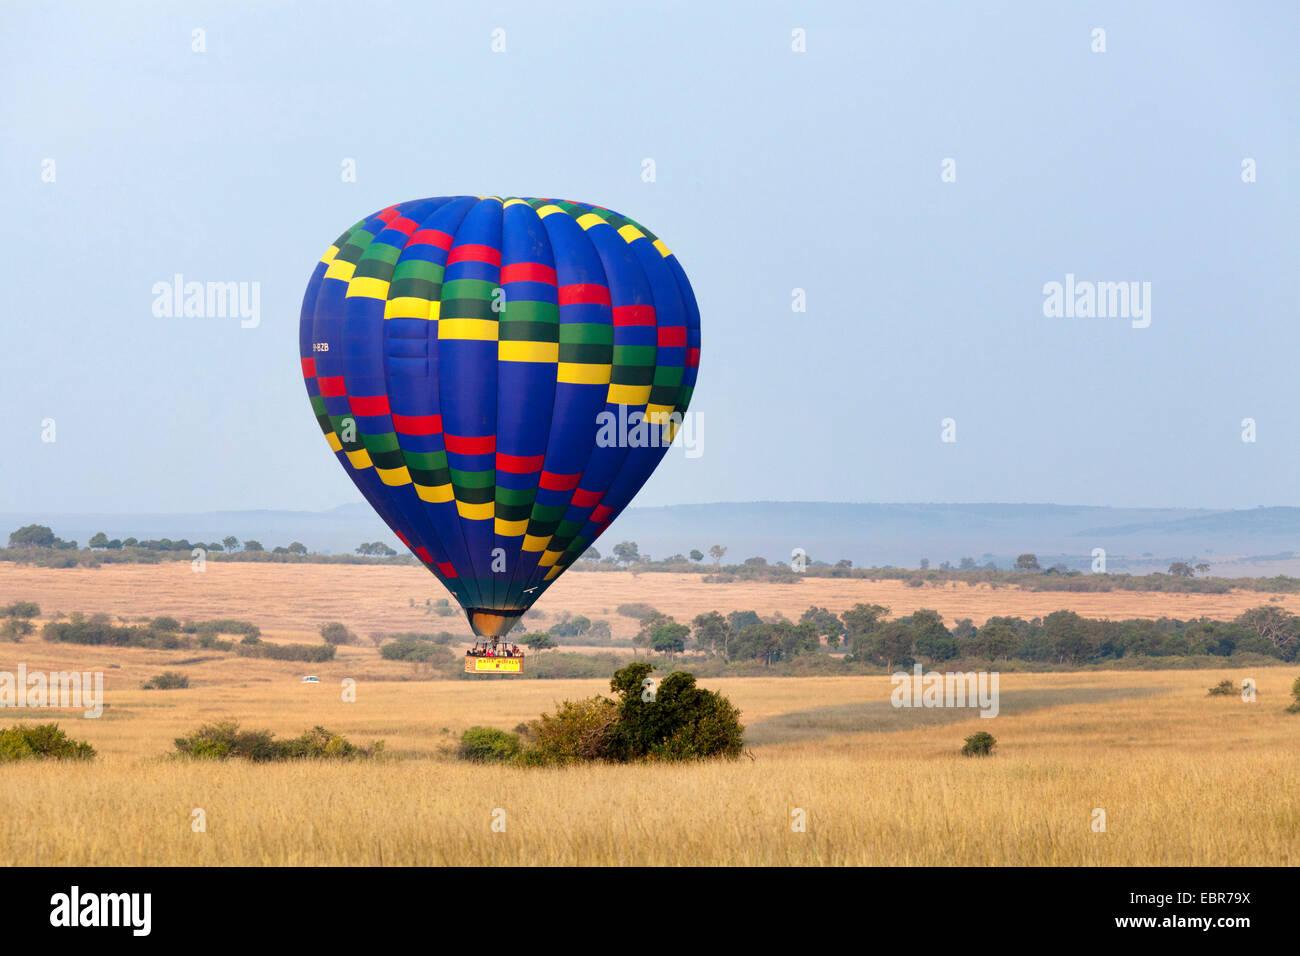 baloon safari at Masai Mara in the morning, Kenya, Masai Mara National Park - Stock Image